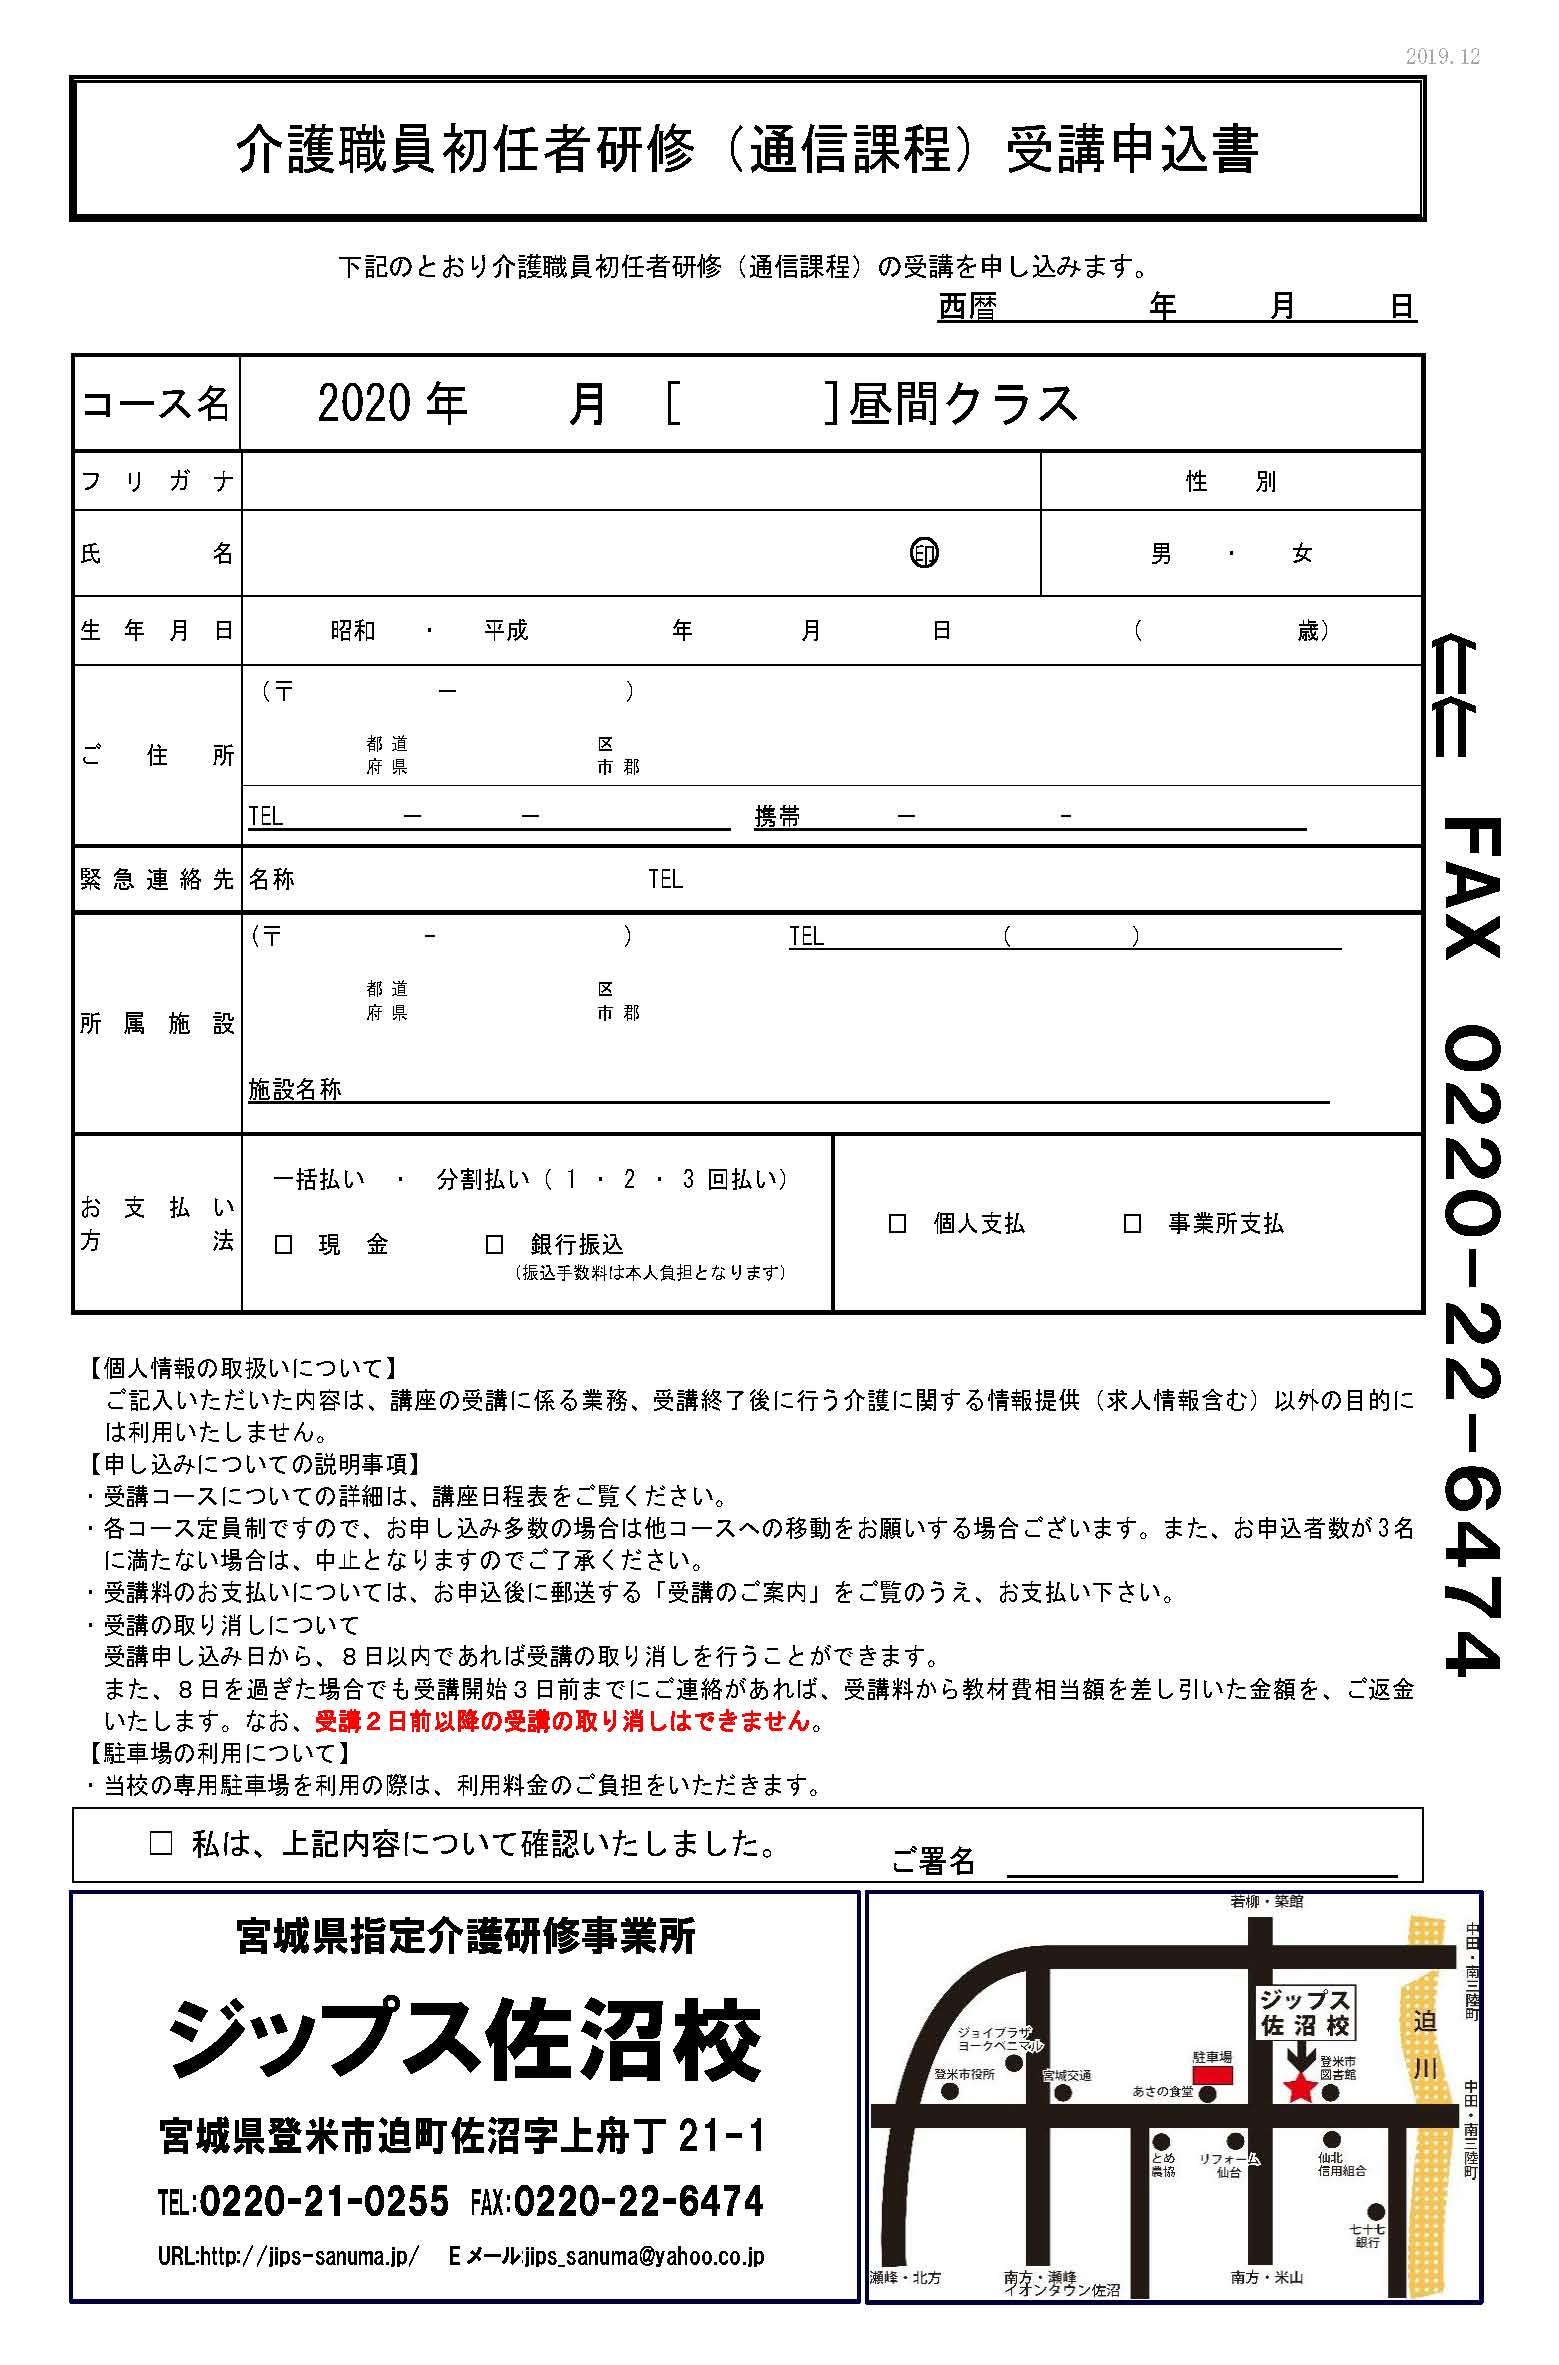 初任者研修募集チラシ2020年1月-3月_ページ_2